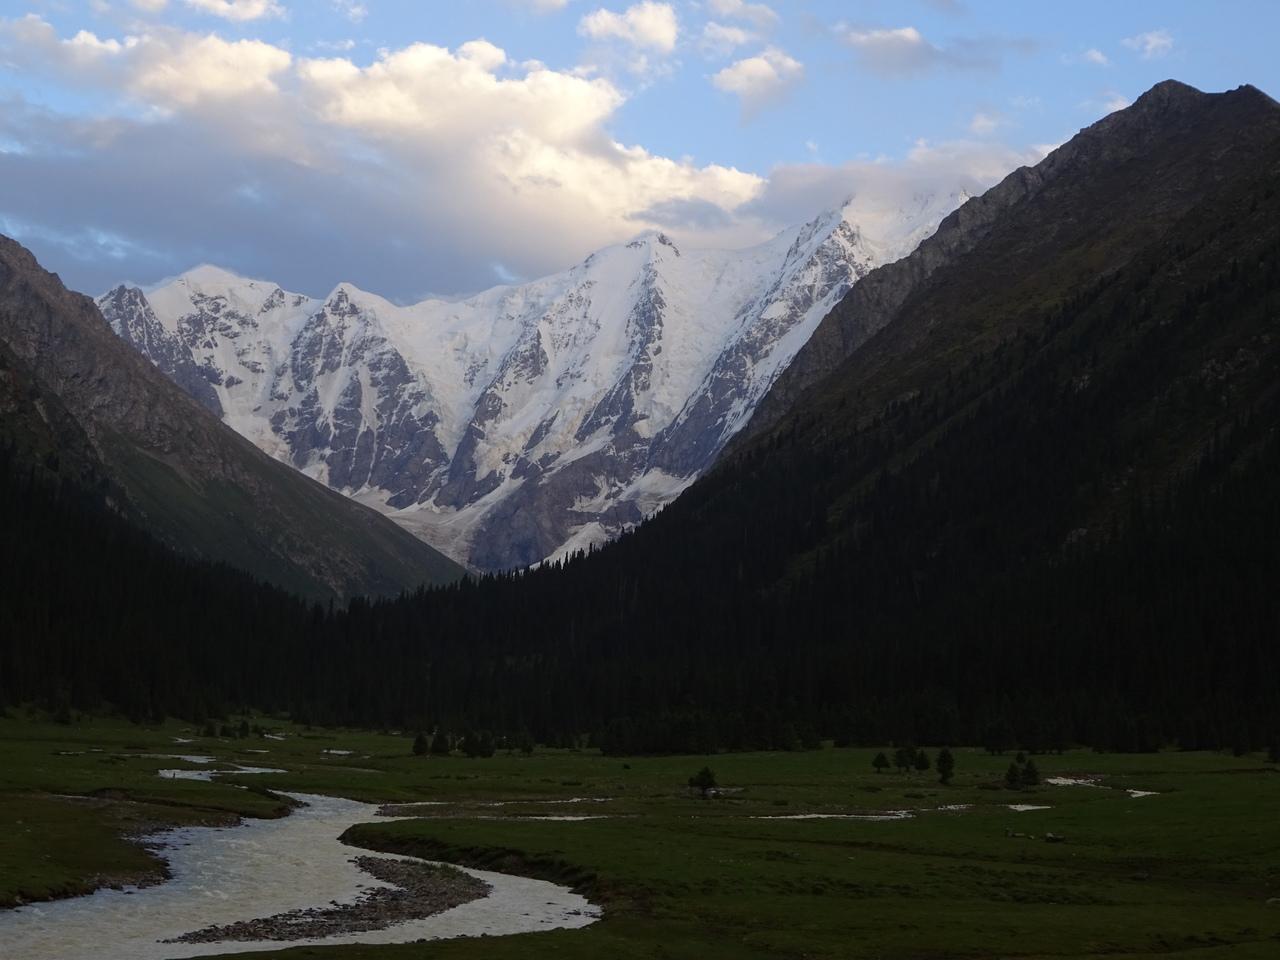 Тем, кто однажды оказался в горах, обязательно захочет сюда вернуться. Ведь горы — запоминающееся зрелище